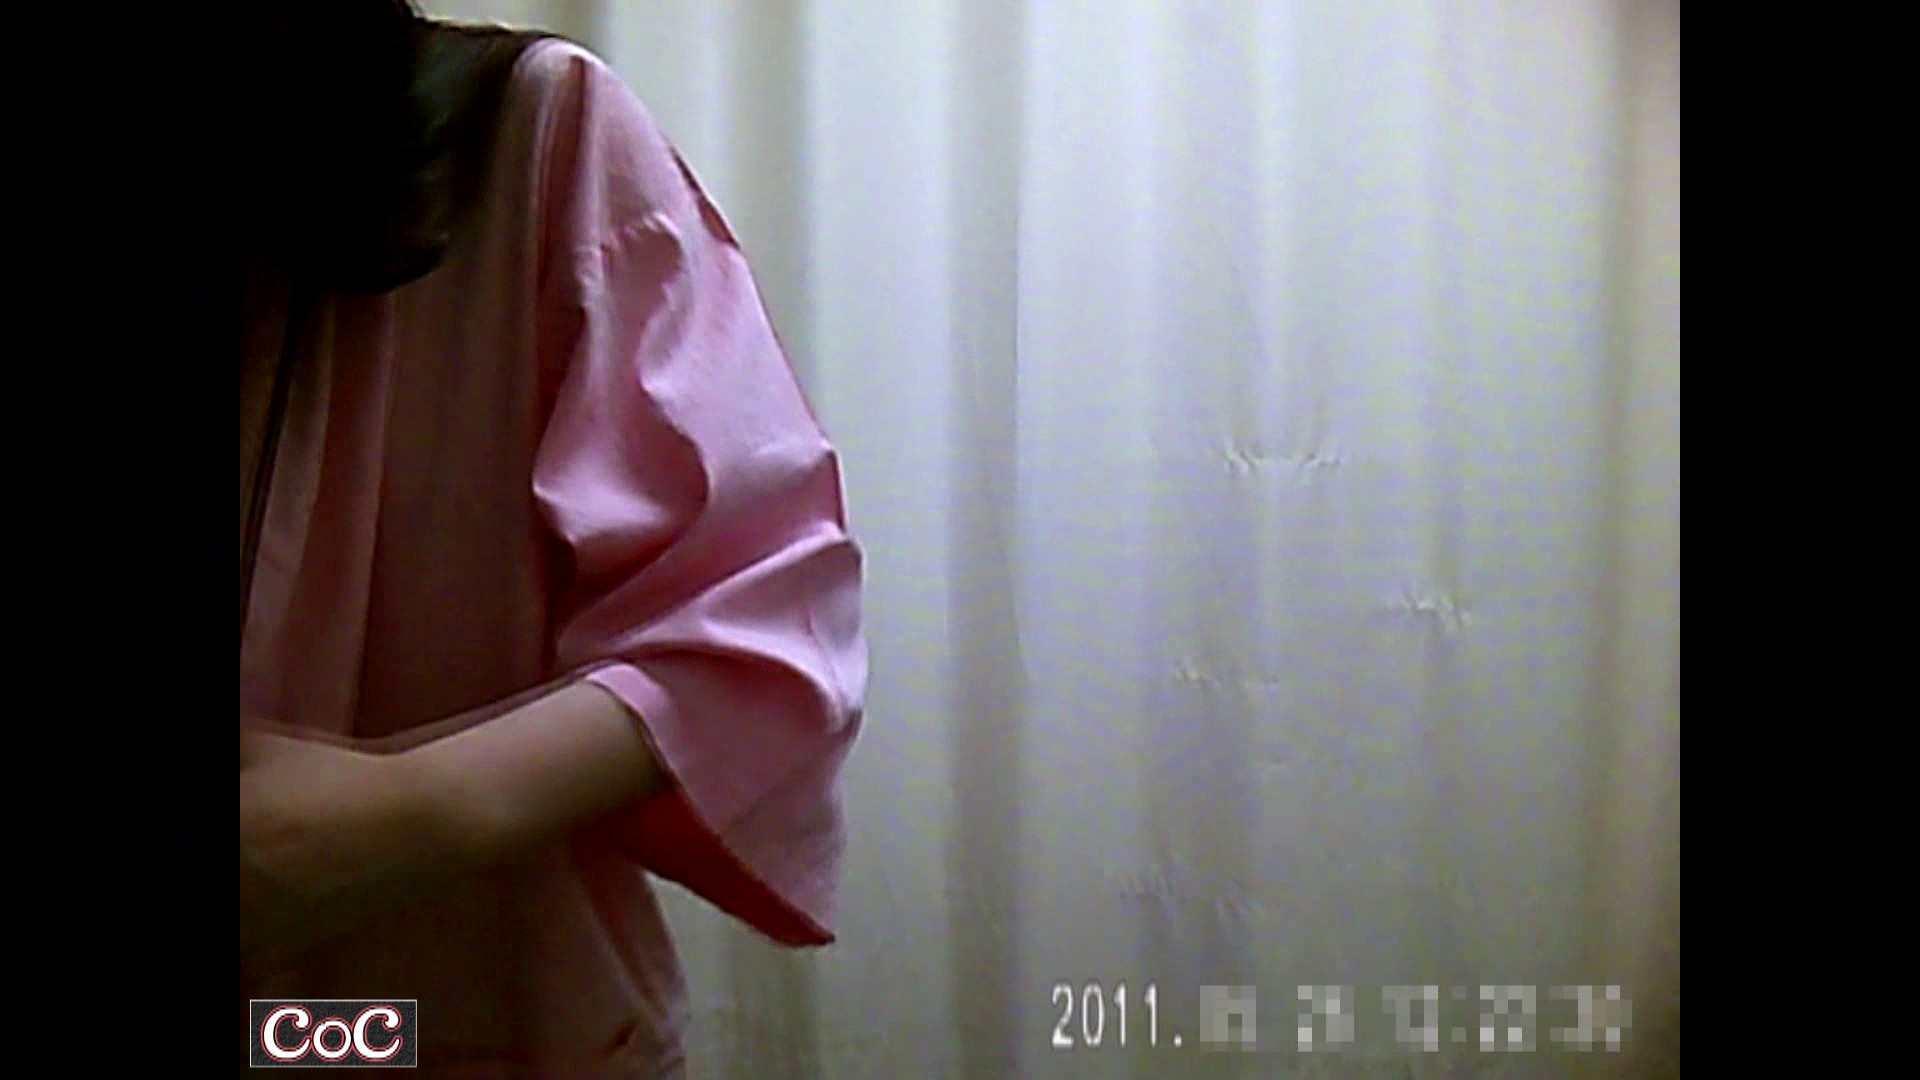 病院おもいっきり着替え! vol.134 巨乳 | 盗撮  86PIX 8